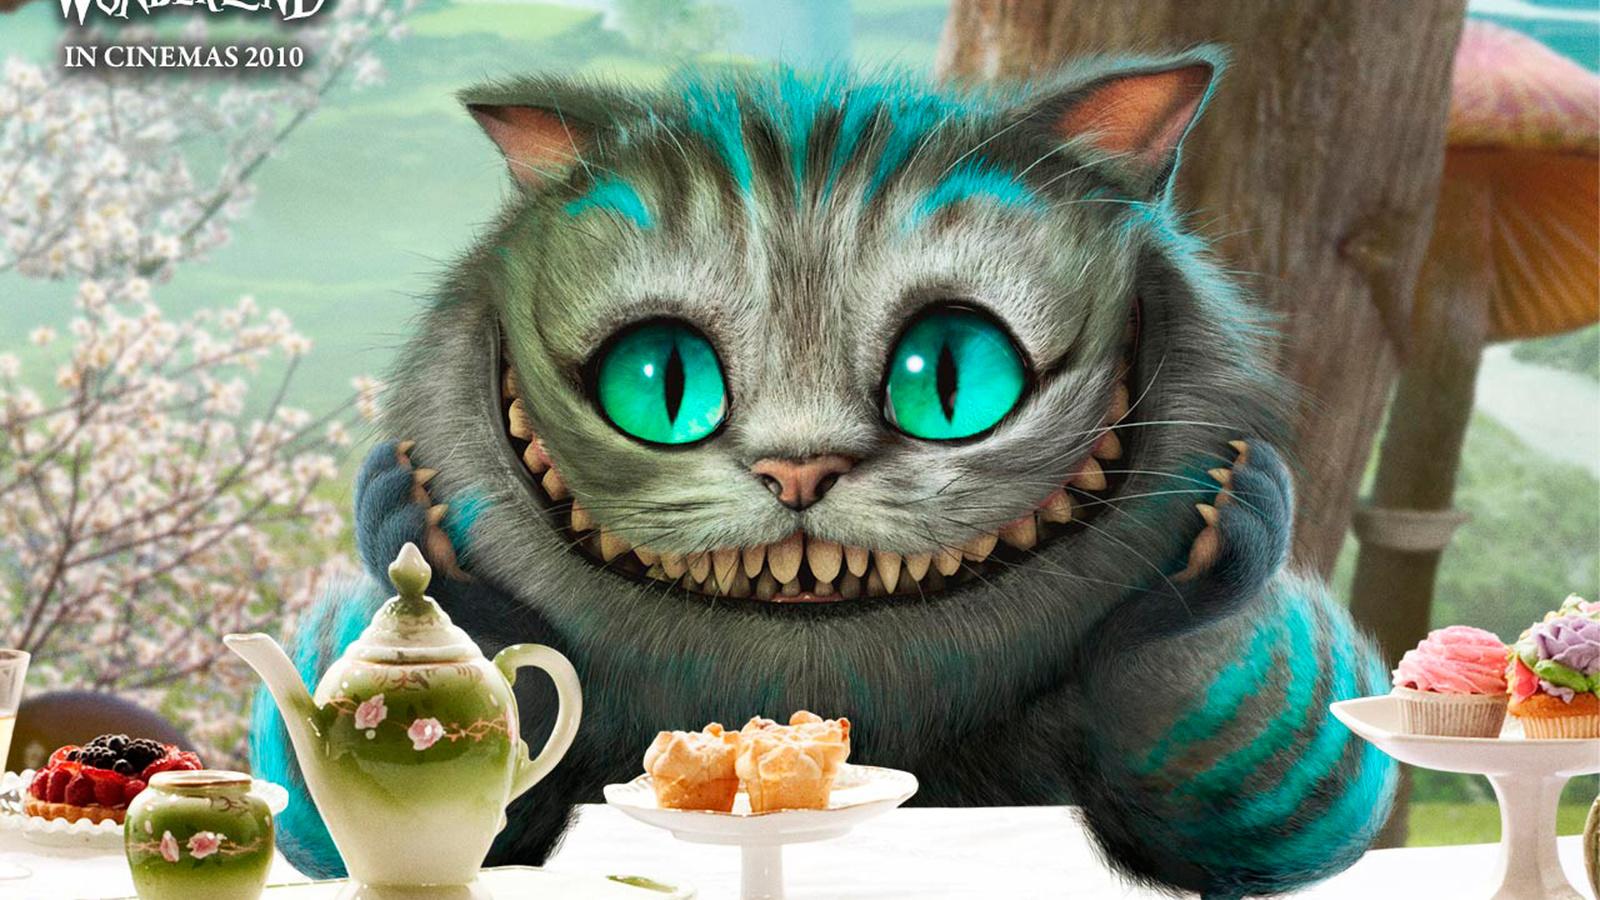 чеширский кот из алисы в стране чудес фото